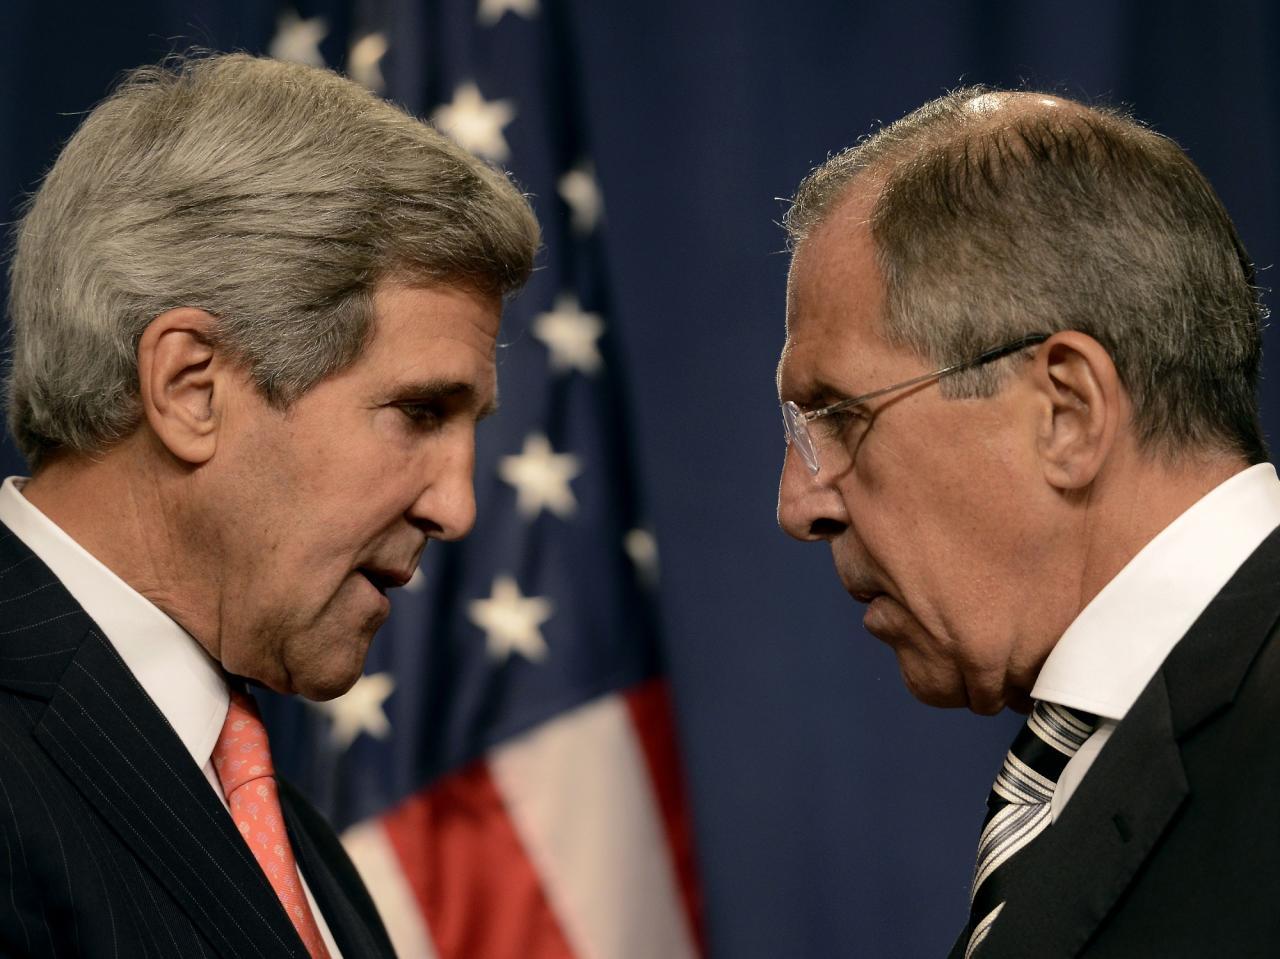 موسكو: اللاعبون الرئيسيون في سوريا يجتمعون الشهر المقبل